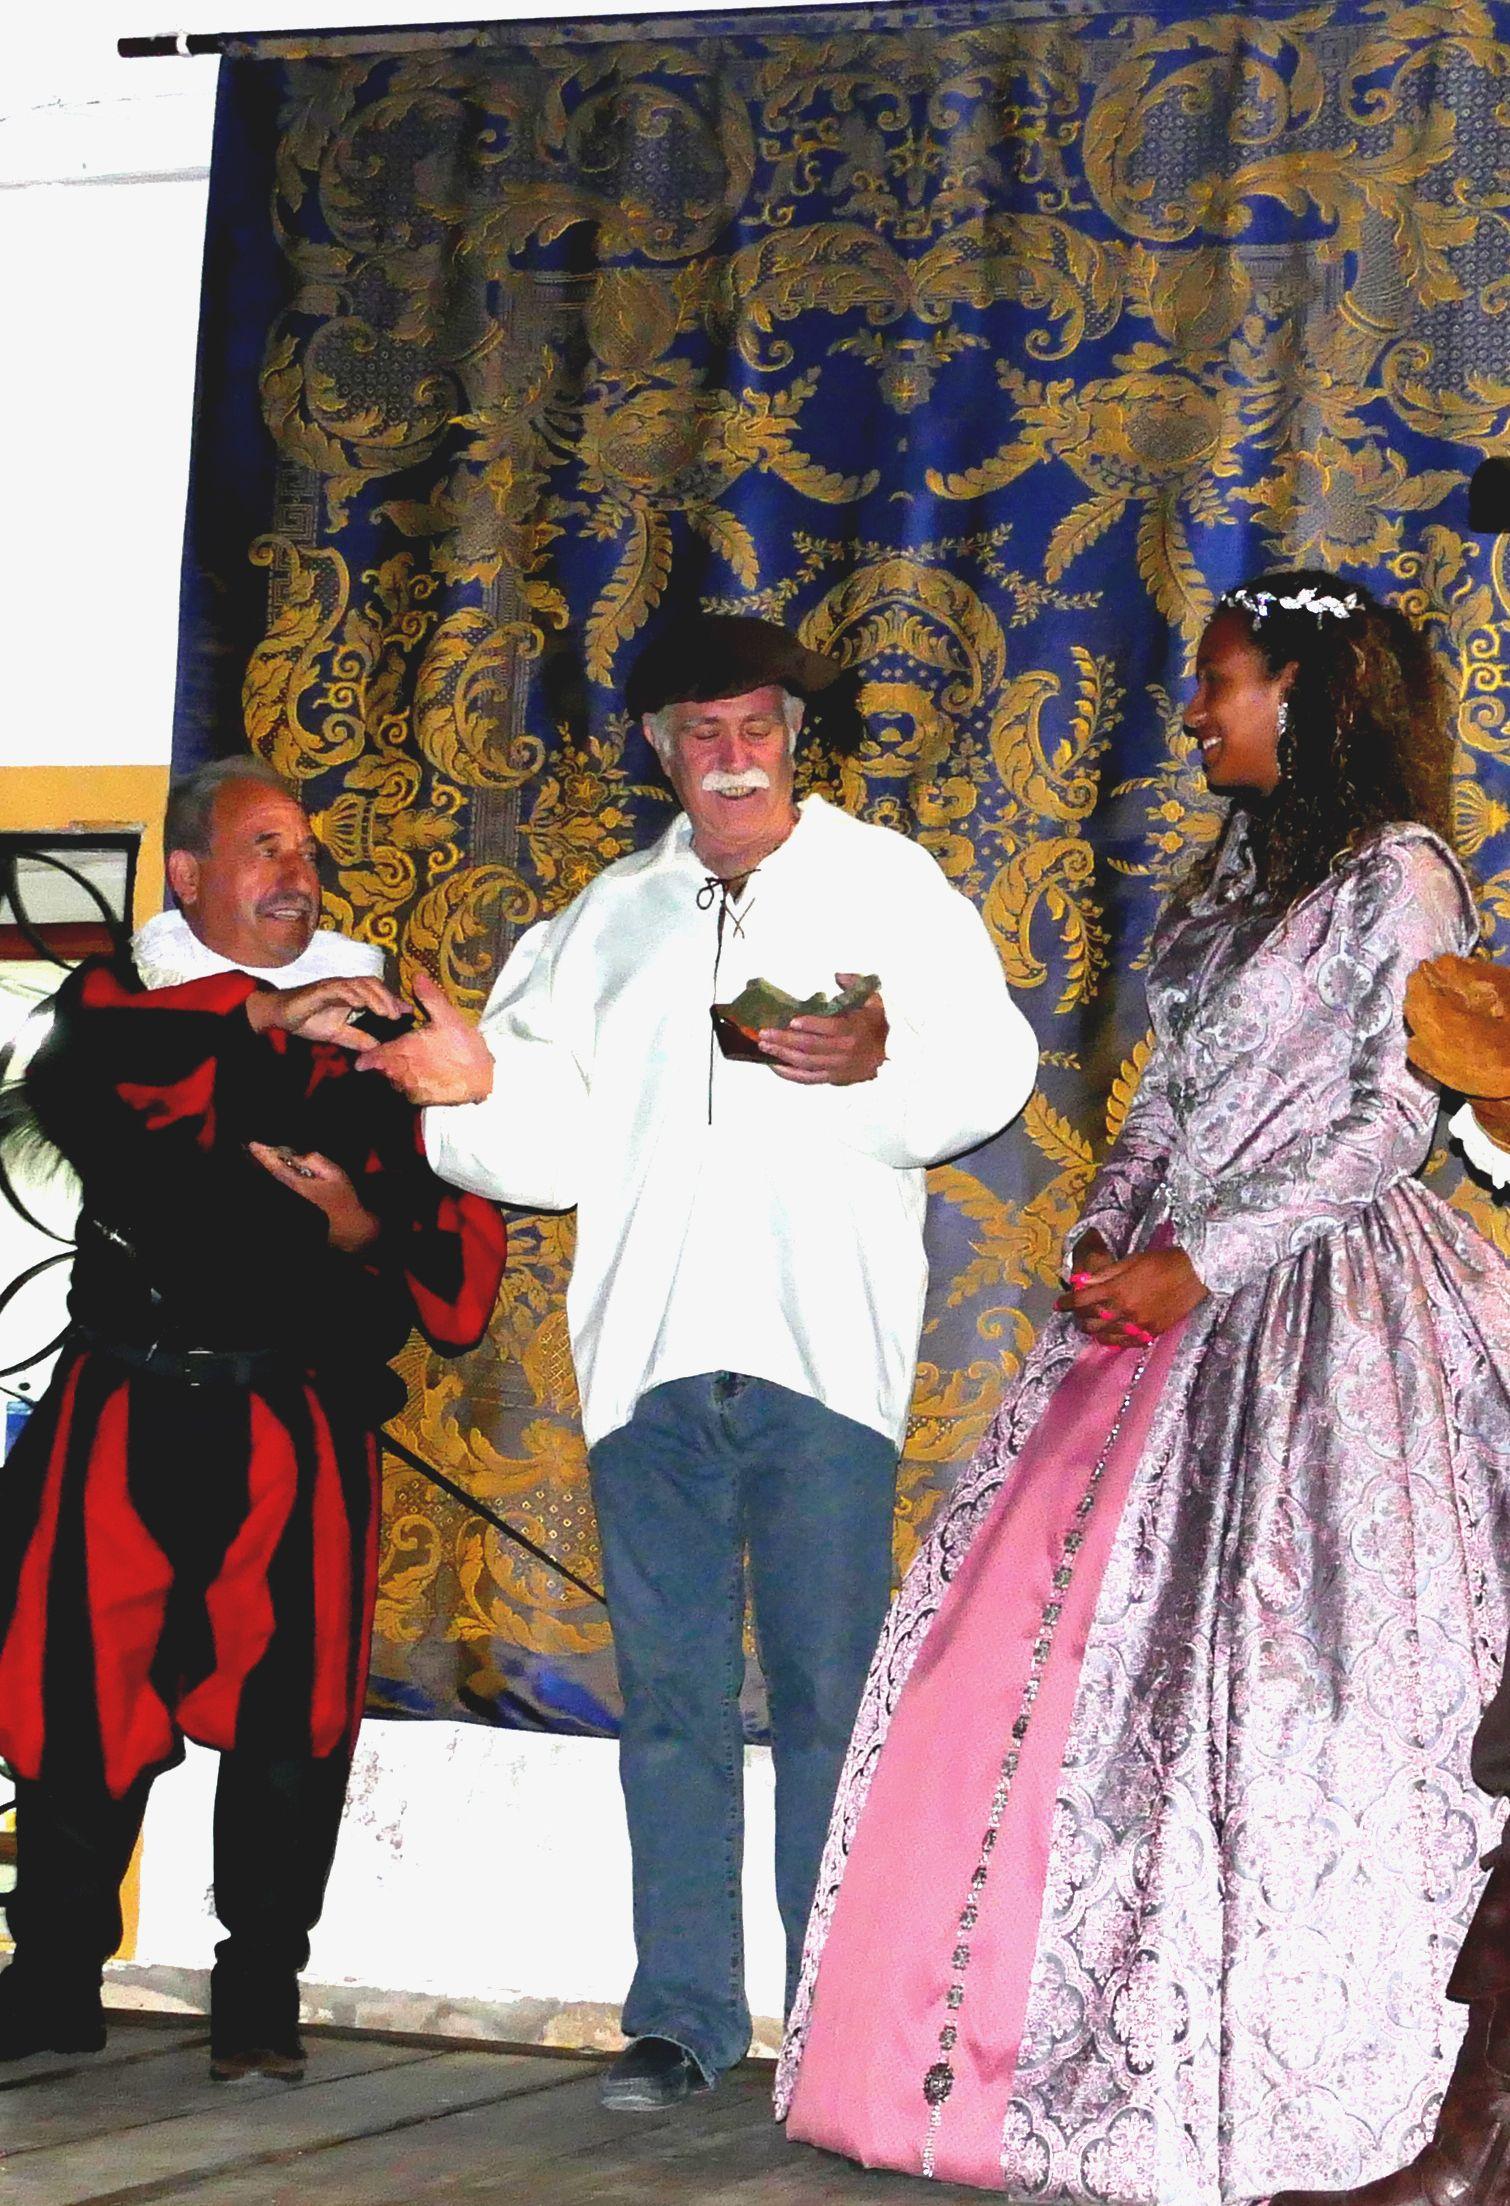 pregonero 1 | Informaciones de Cuenca